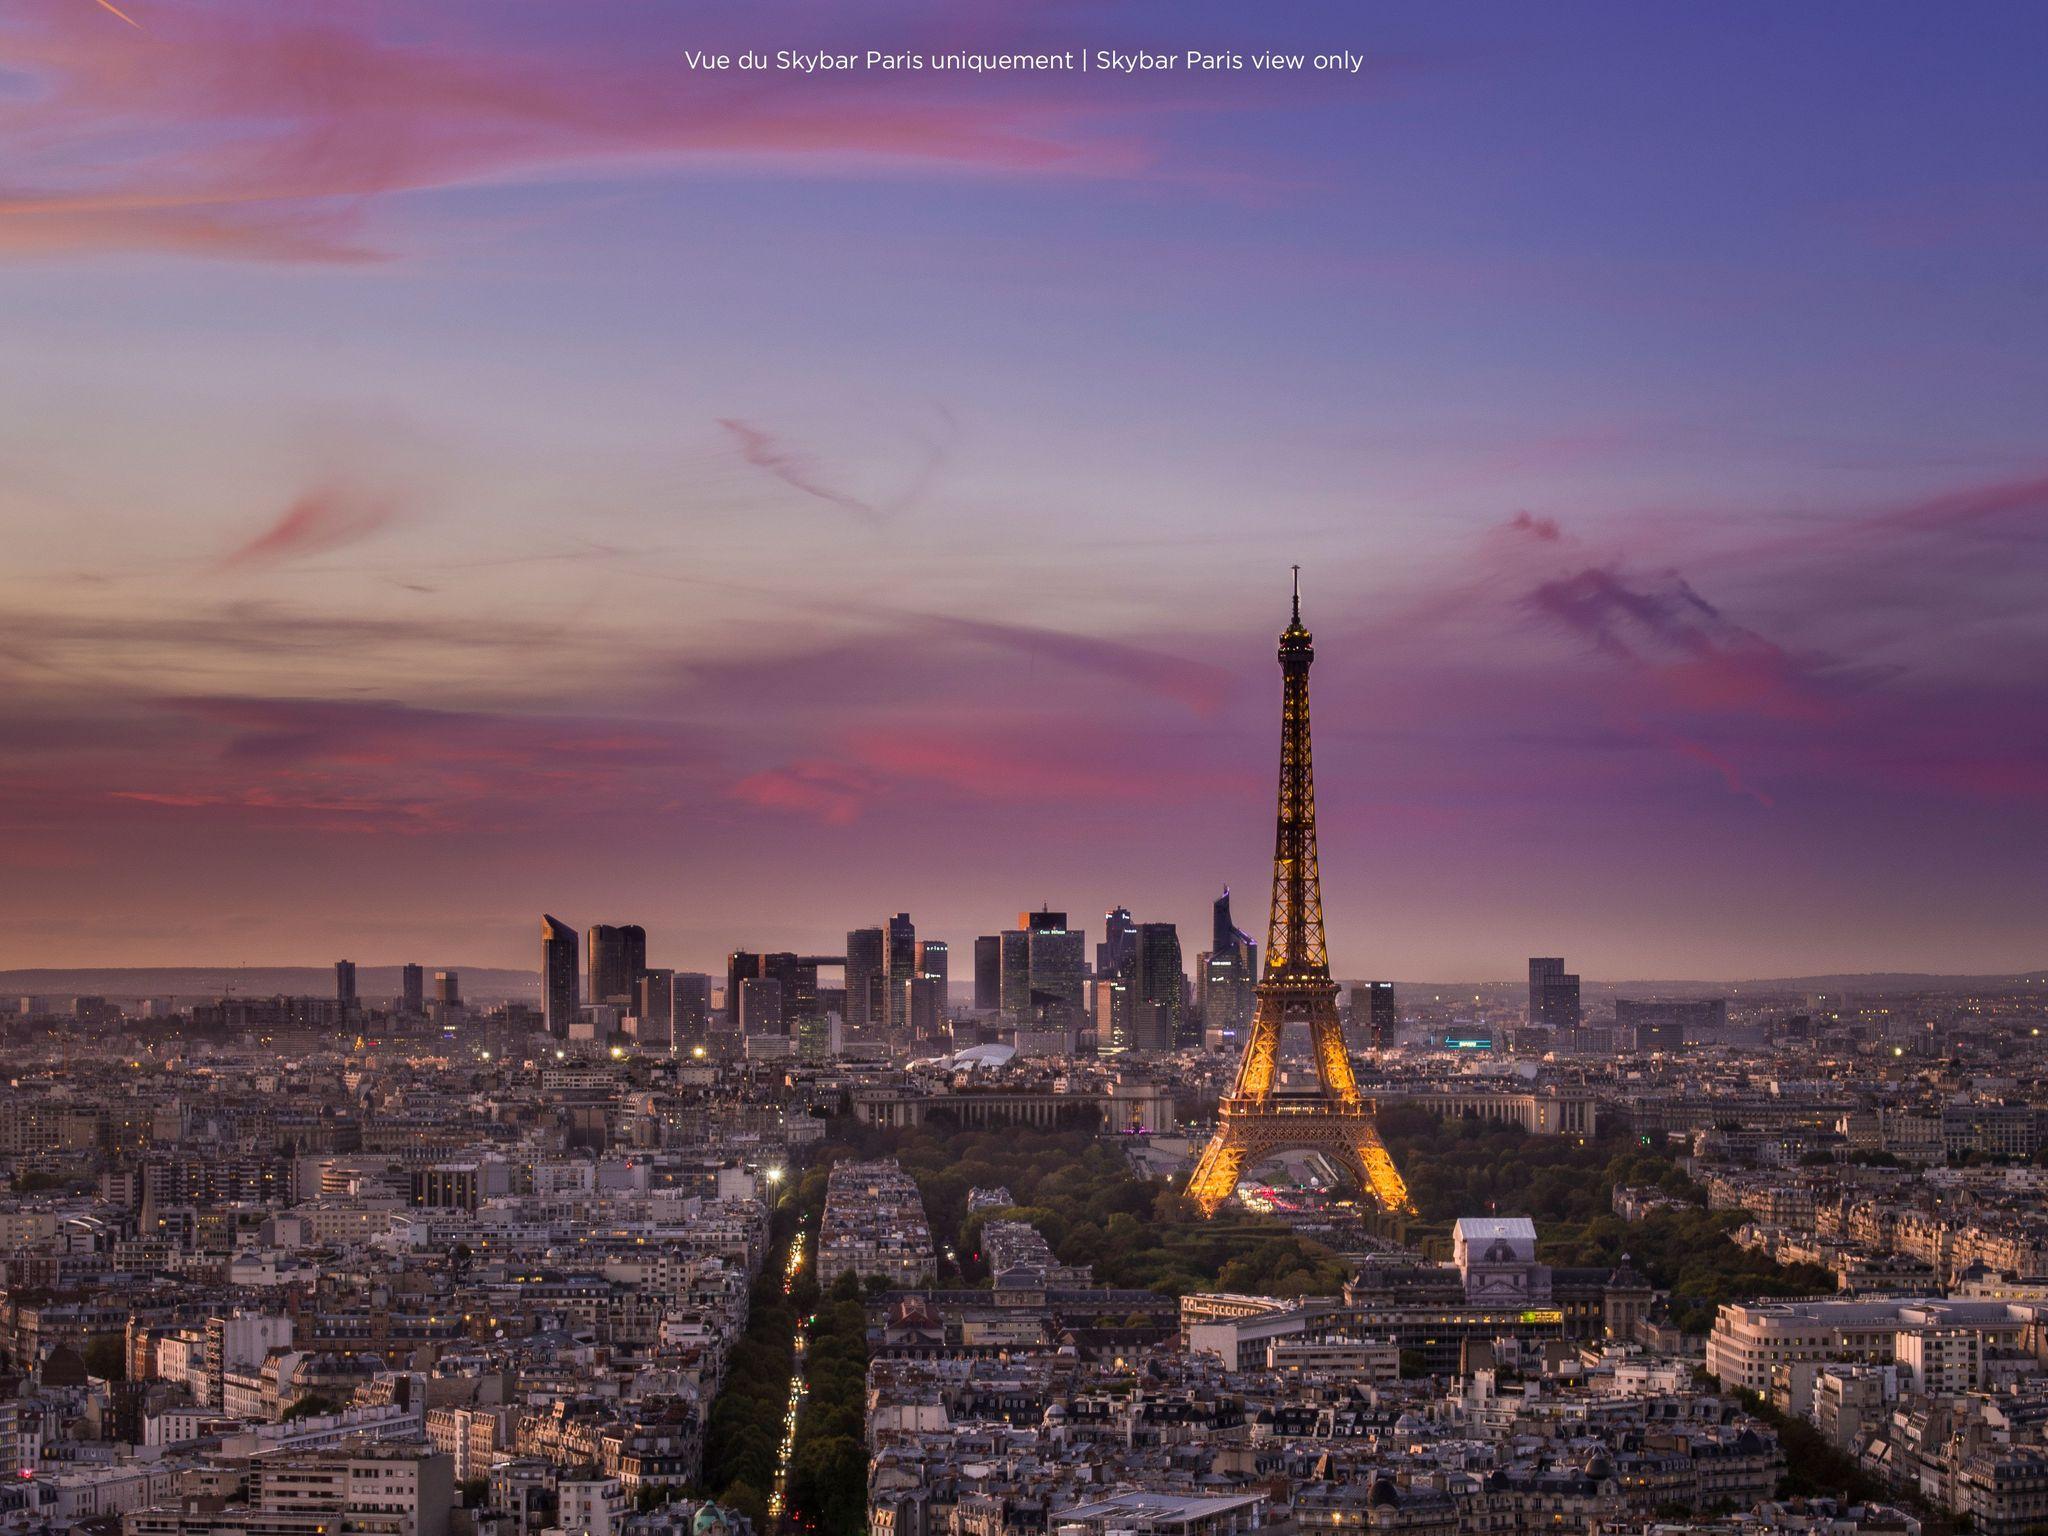 โรงแรม – พูลแมน ปารีส มงต์ปาร์นาส - ปิดจนถึงสิ้นเดือนสิงหาคม 2019